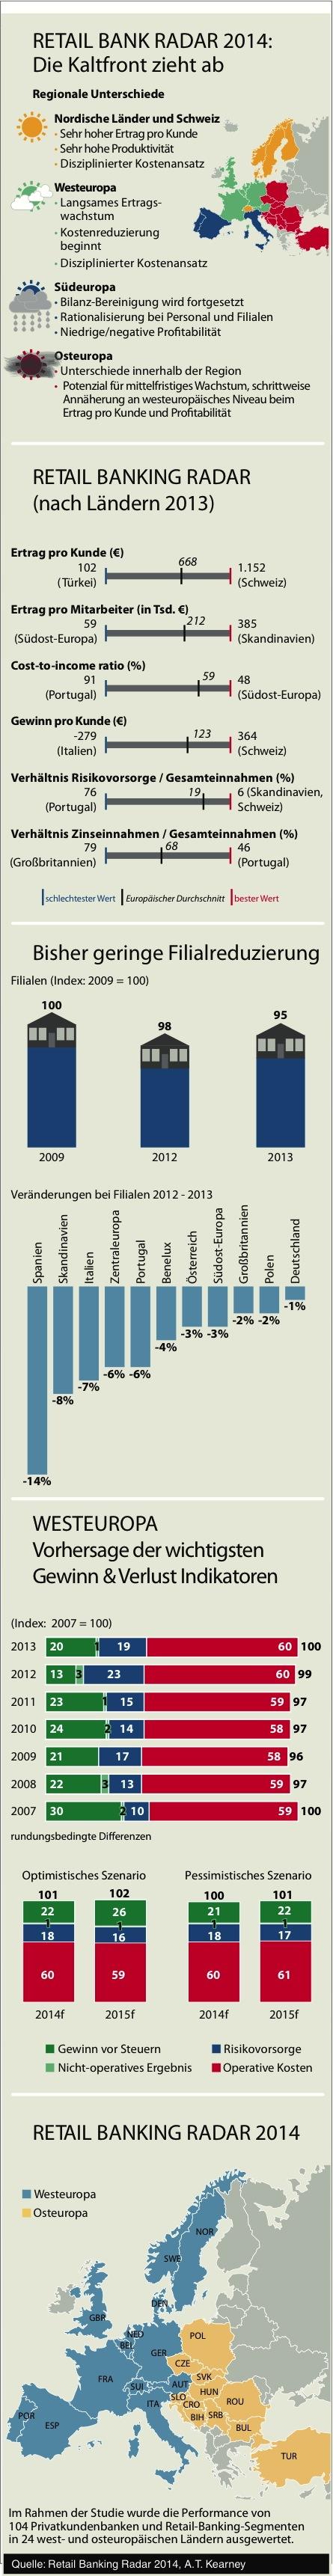 Photo of Das Privatkundengeschäft der europäischen Banken profitiert nicht mit Konjunktur